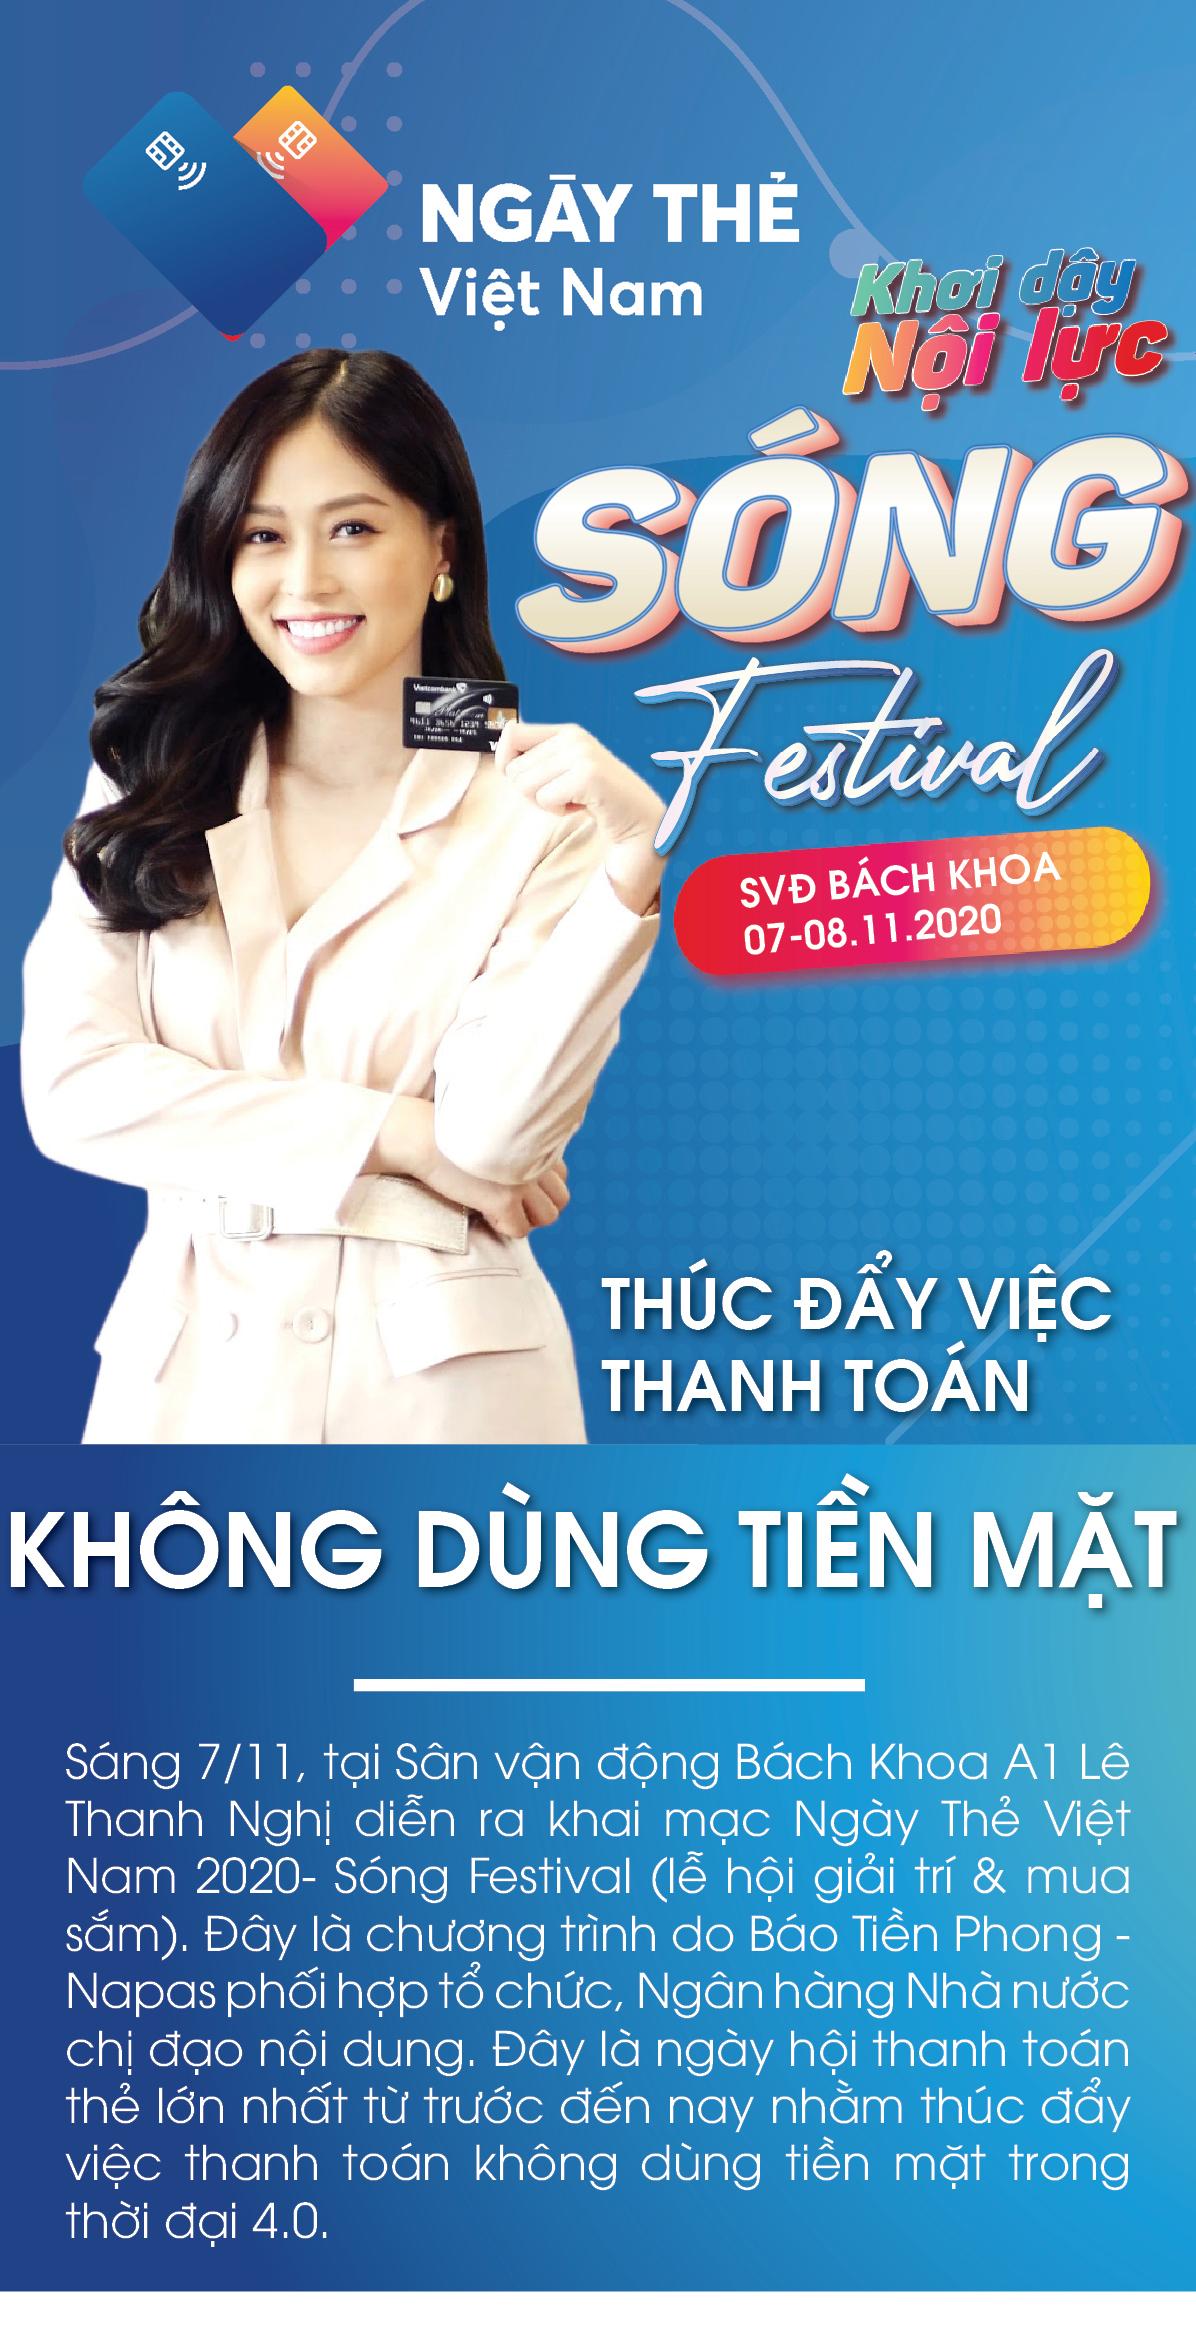 Ngày Thẻ Việt Nam 2020 - Thúc đẩy việc thanh toán không dùng tiền mặt